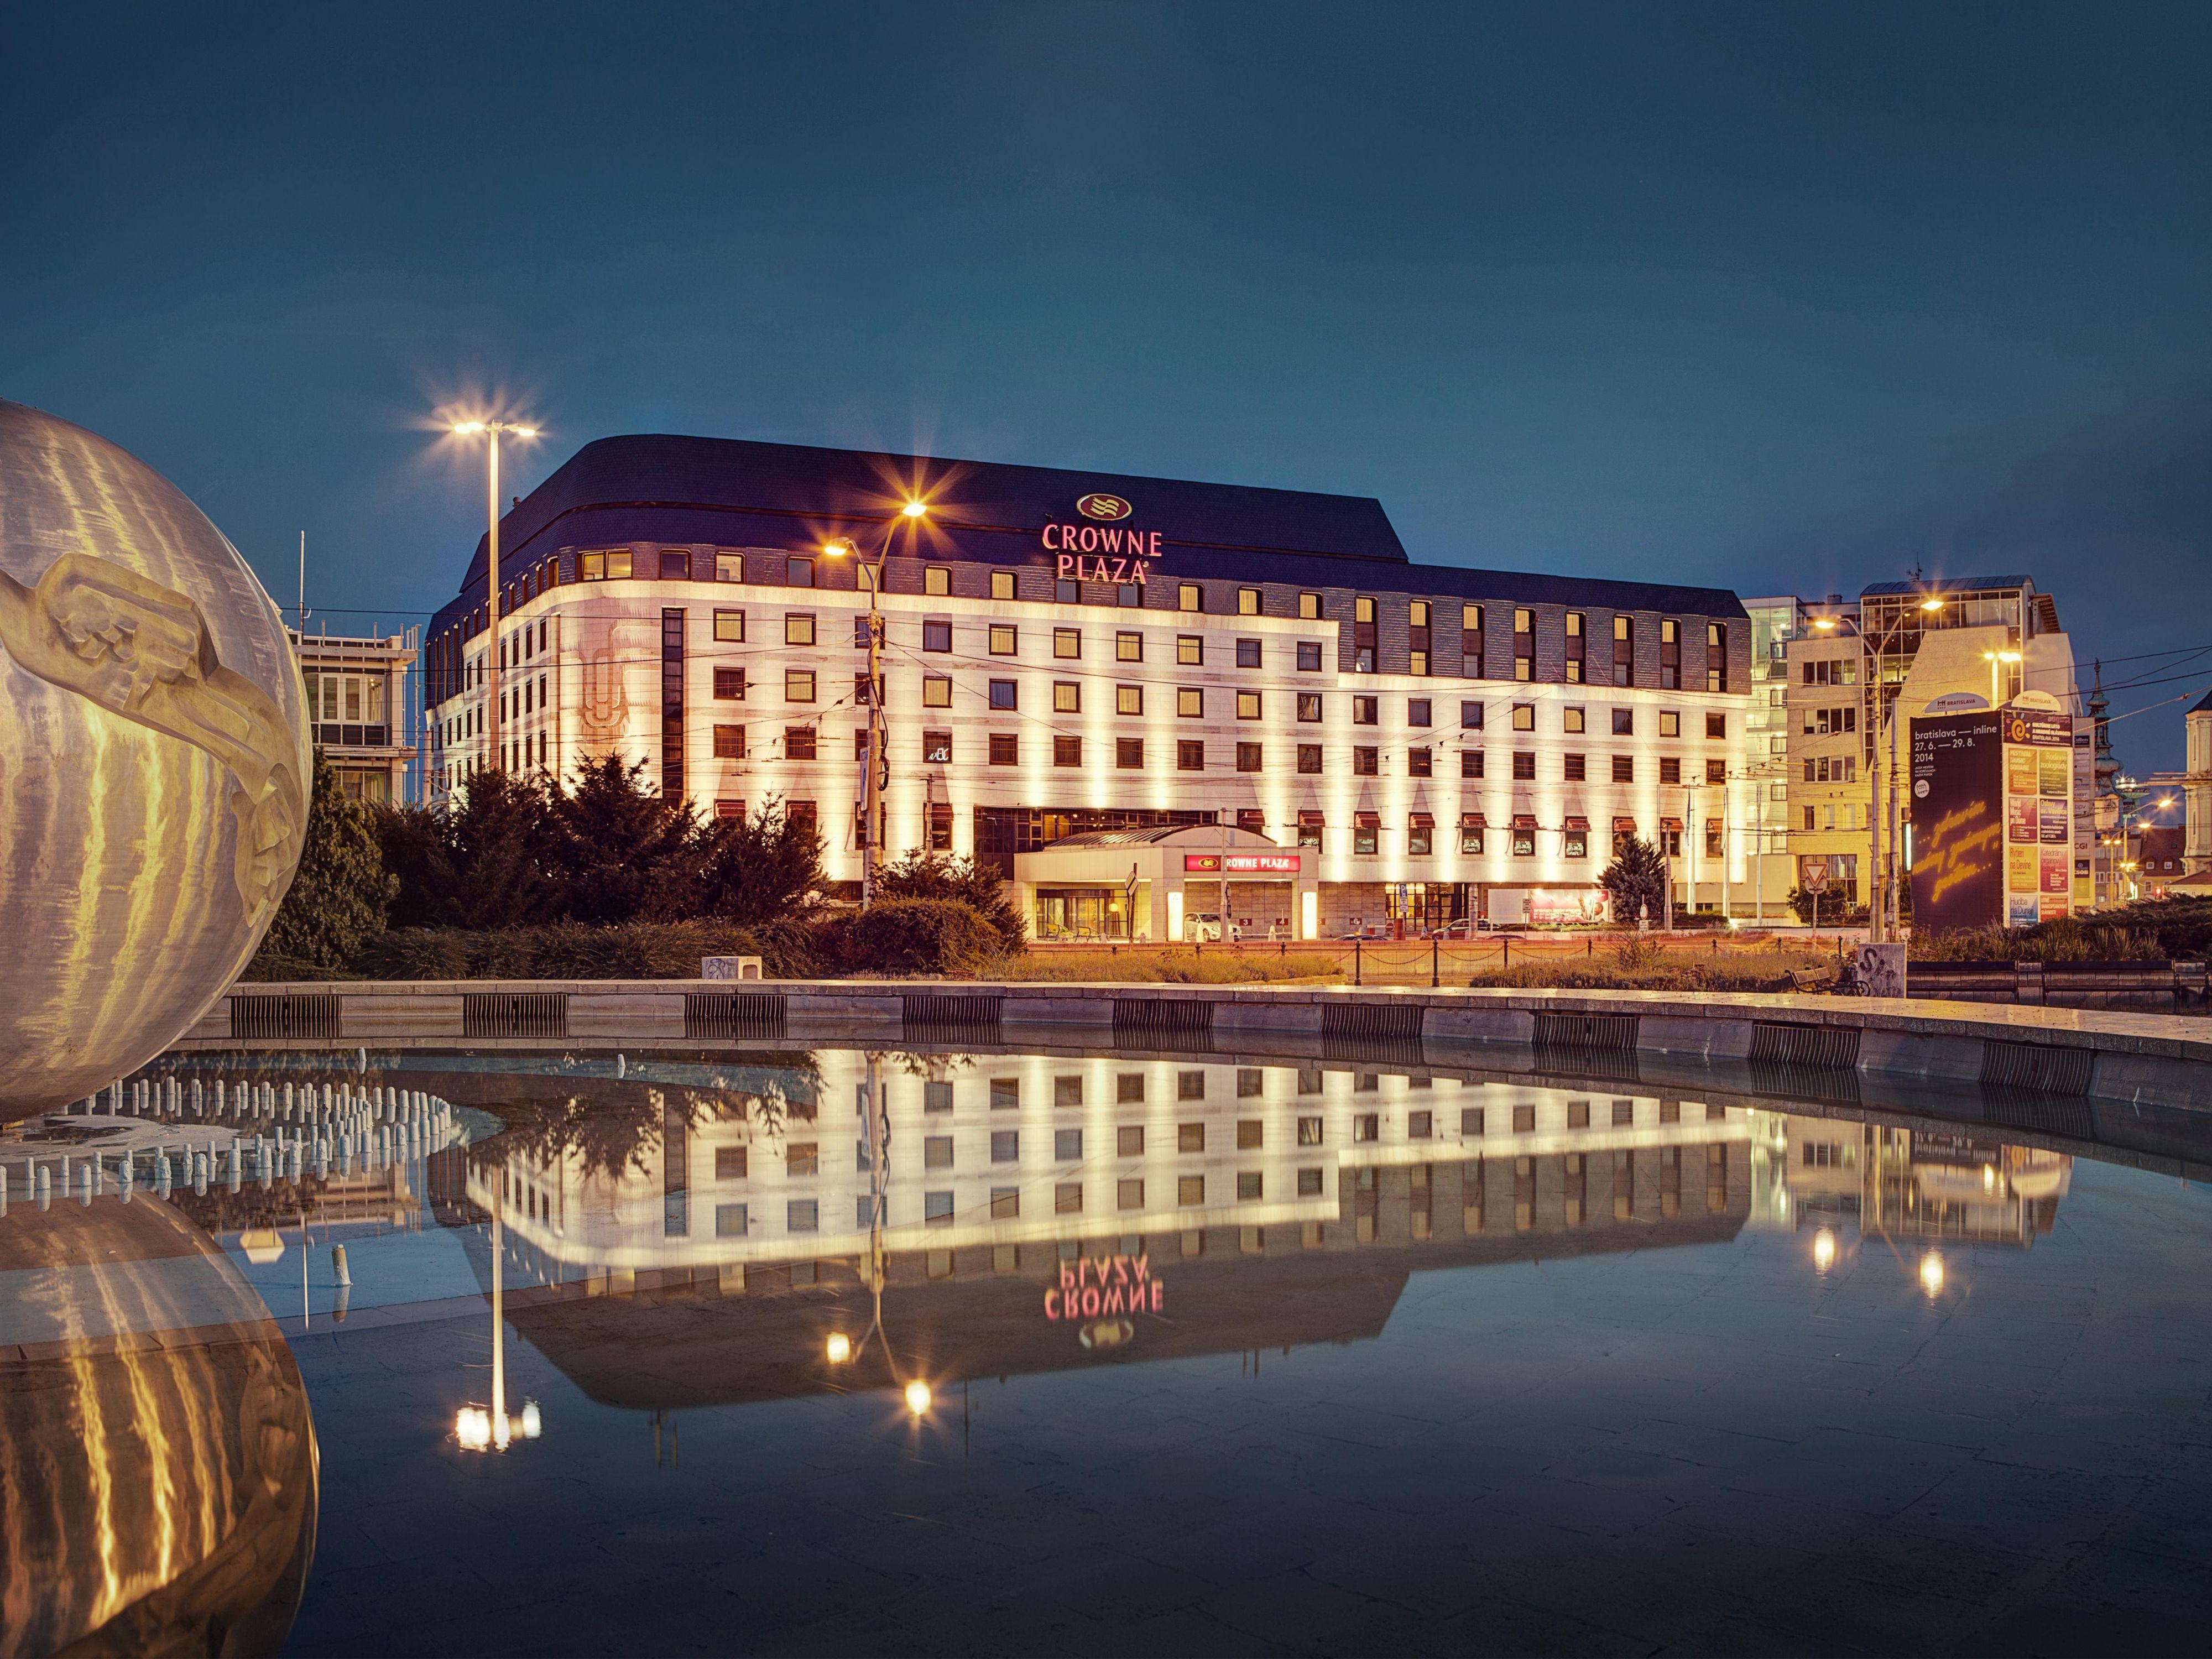 bratislava 5 star hotels. Black Bedroom Furniture Sets. Home Design Ideas